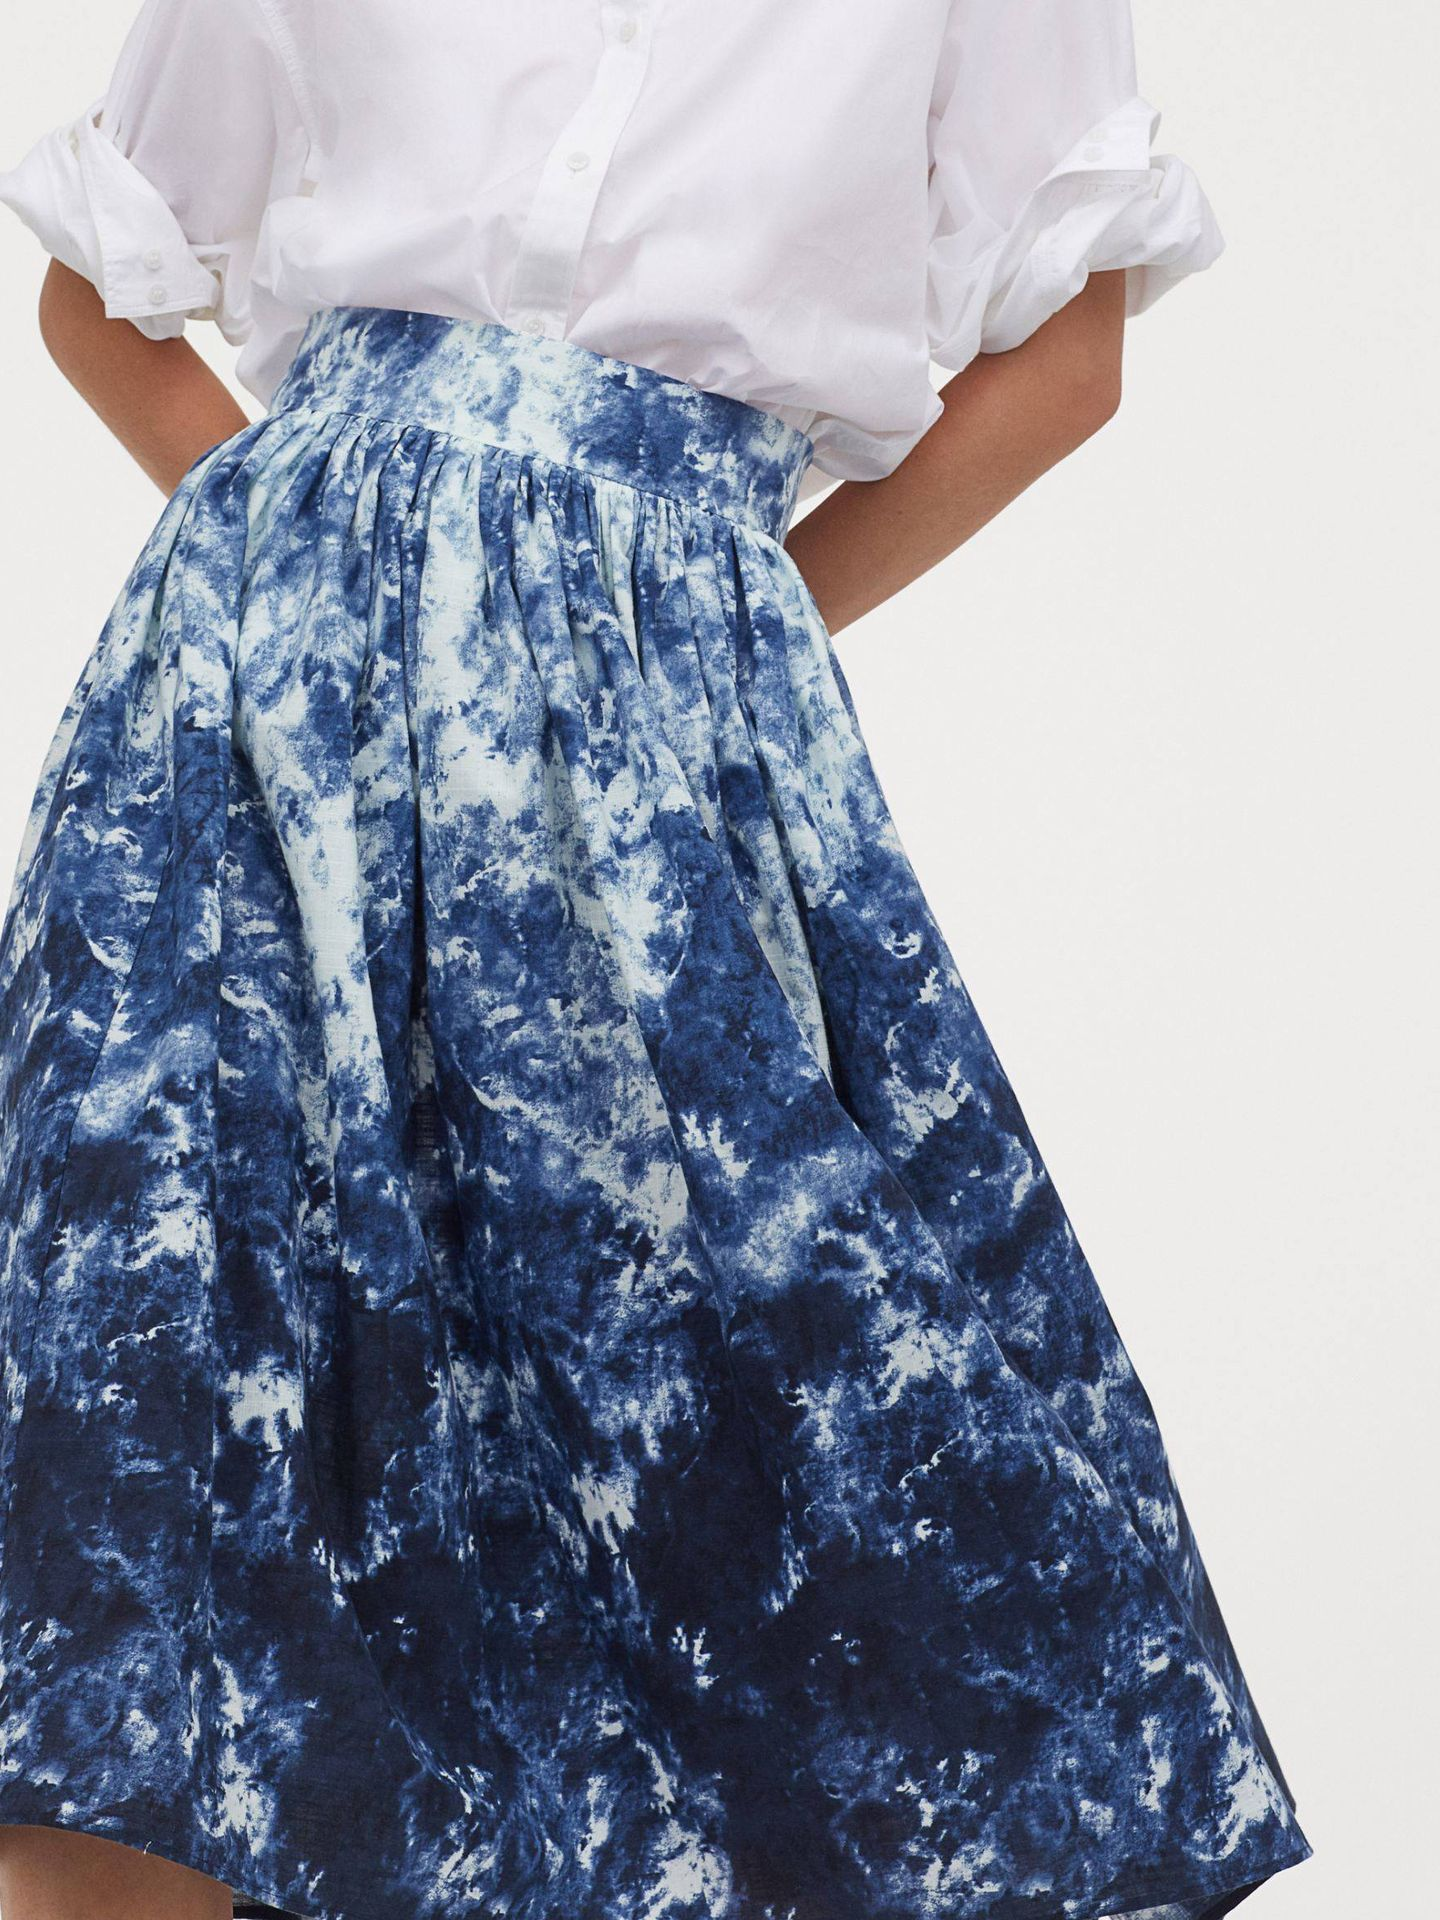 Falda estampada de HyM. (Cortesía)